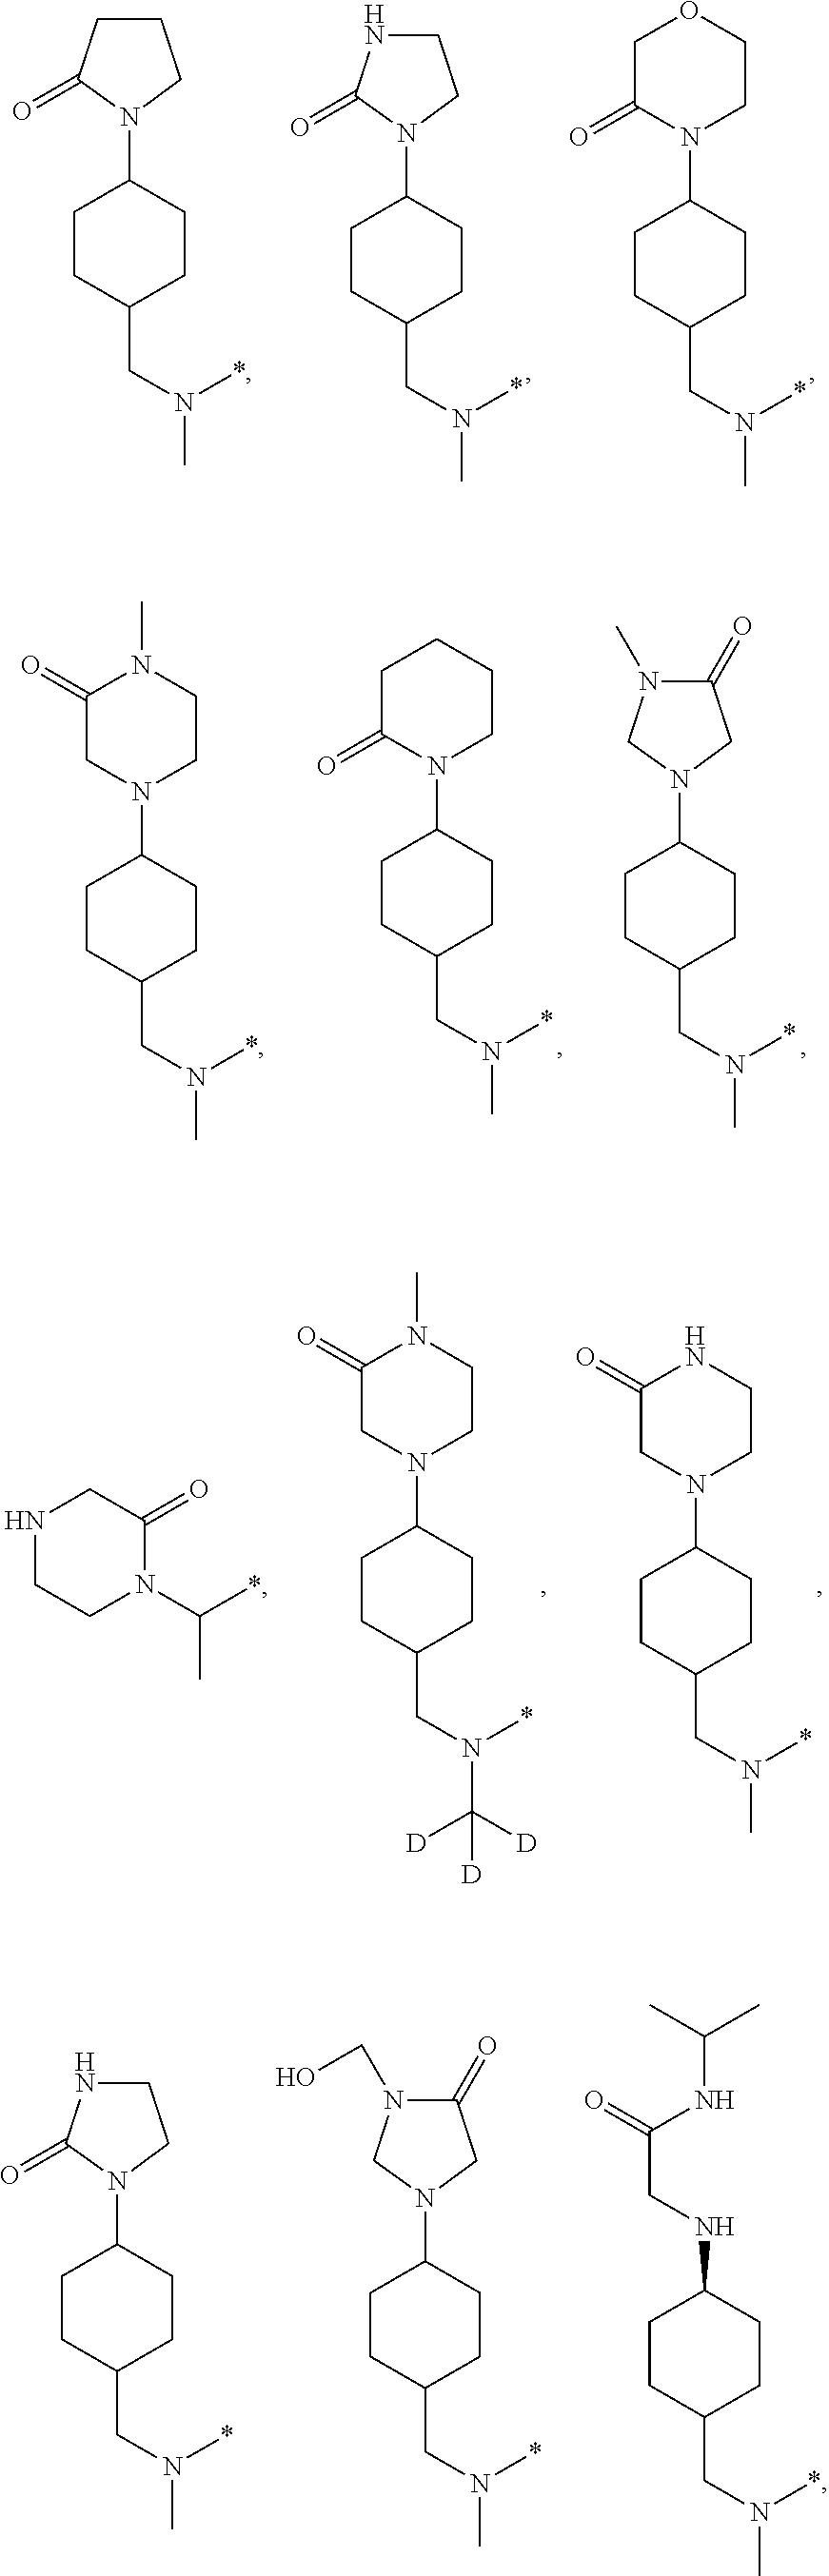 Figure US08440693-20130514-C00040